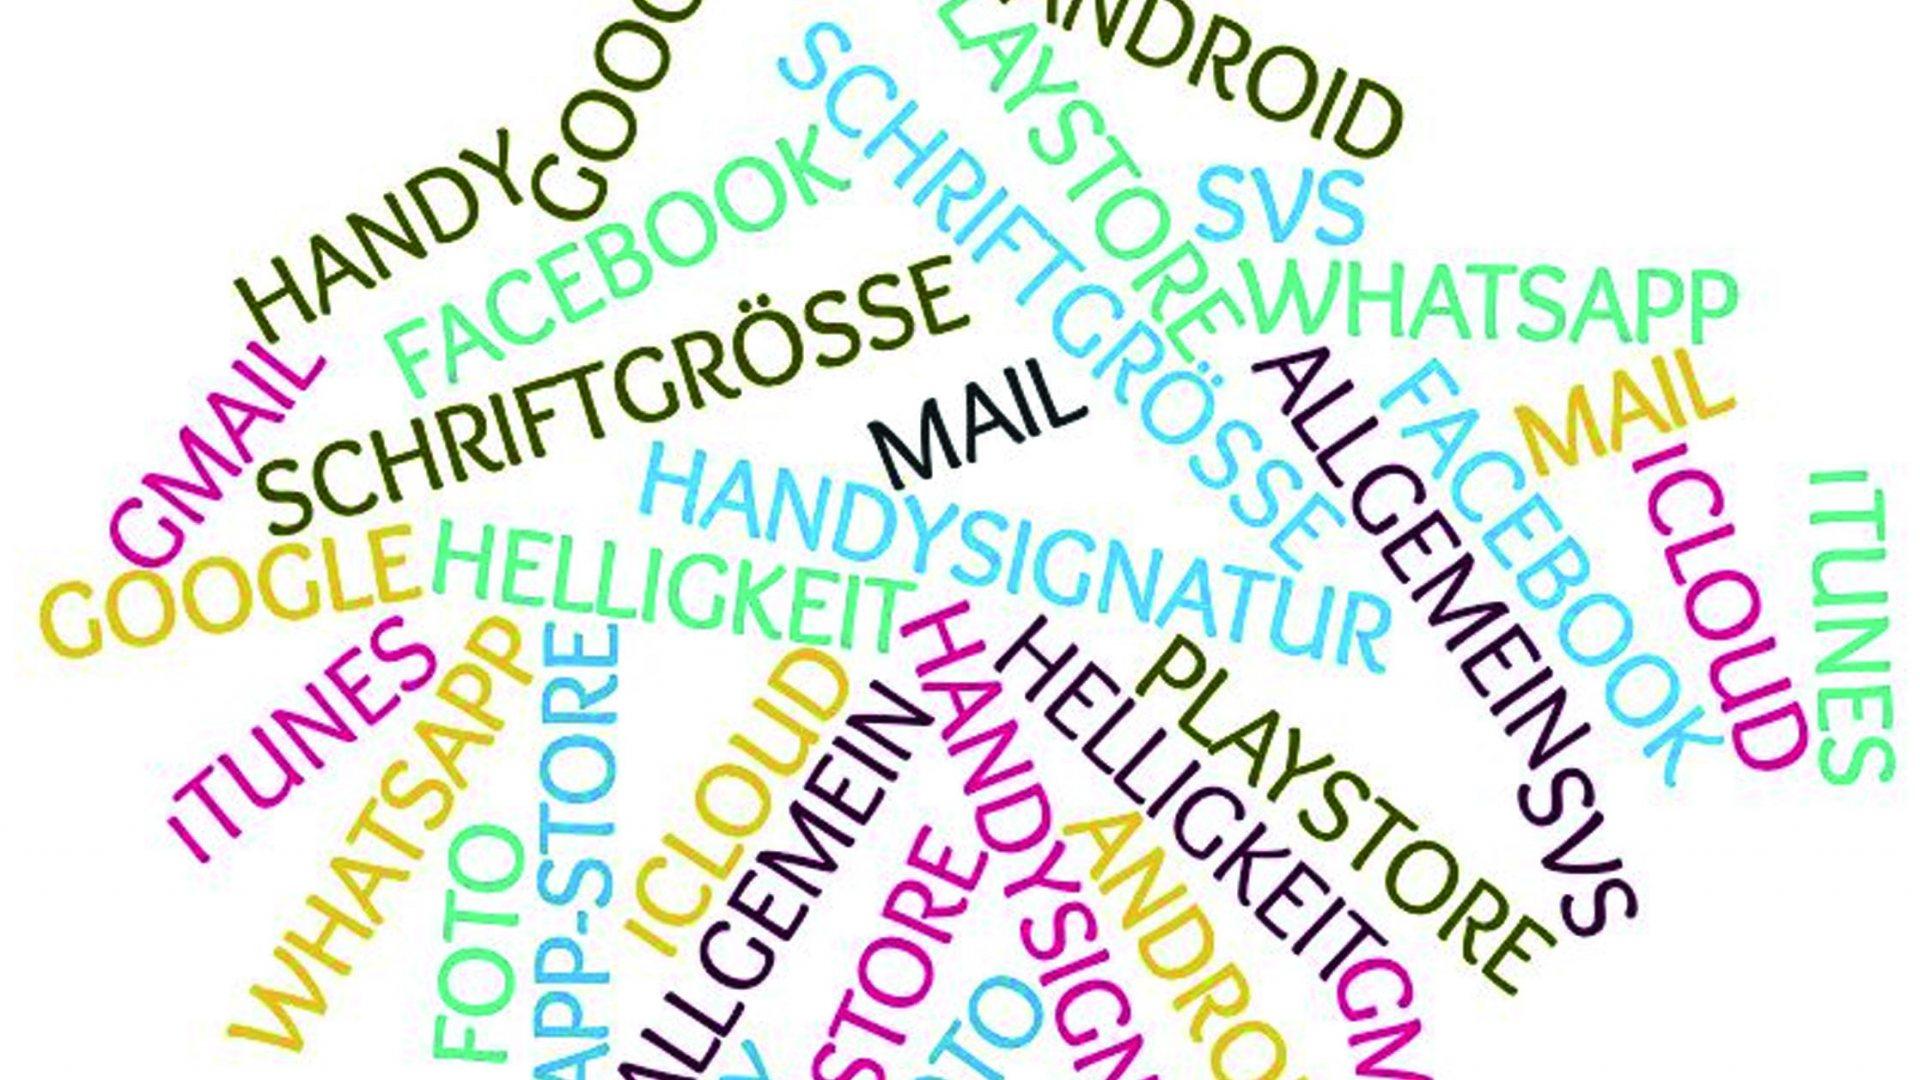 Smartphone - was jetzt?